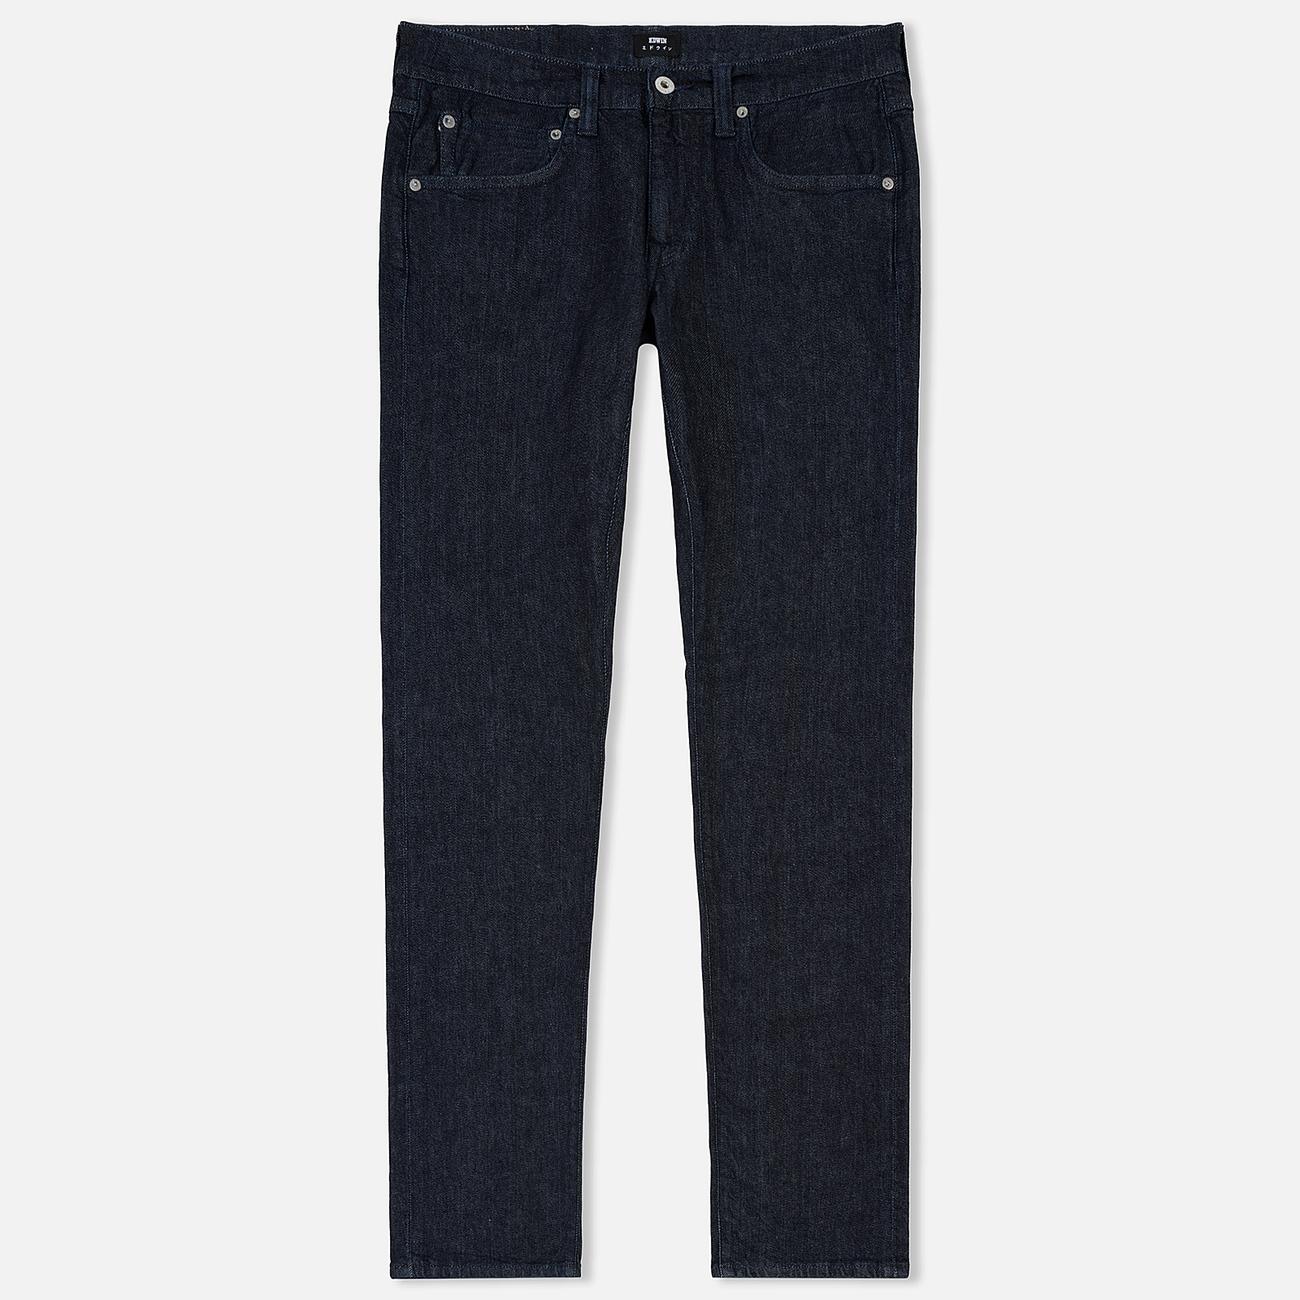 Мужские джинсы Edwin ED-55 CS Red Listed Blue Denim 12.75 Oz Blue Rinsed